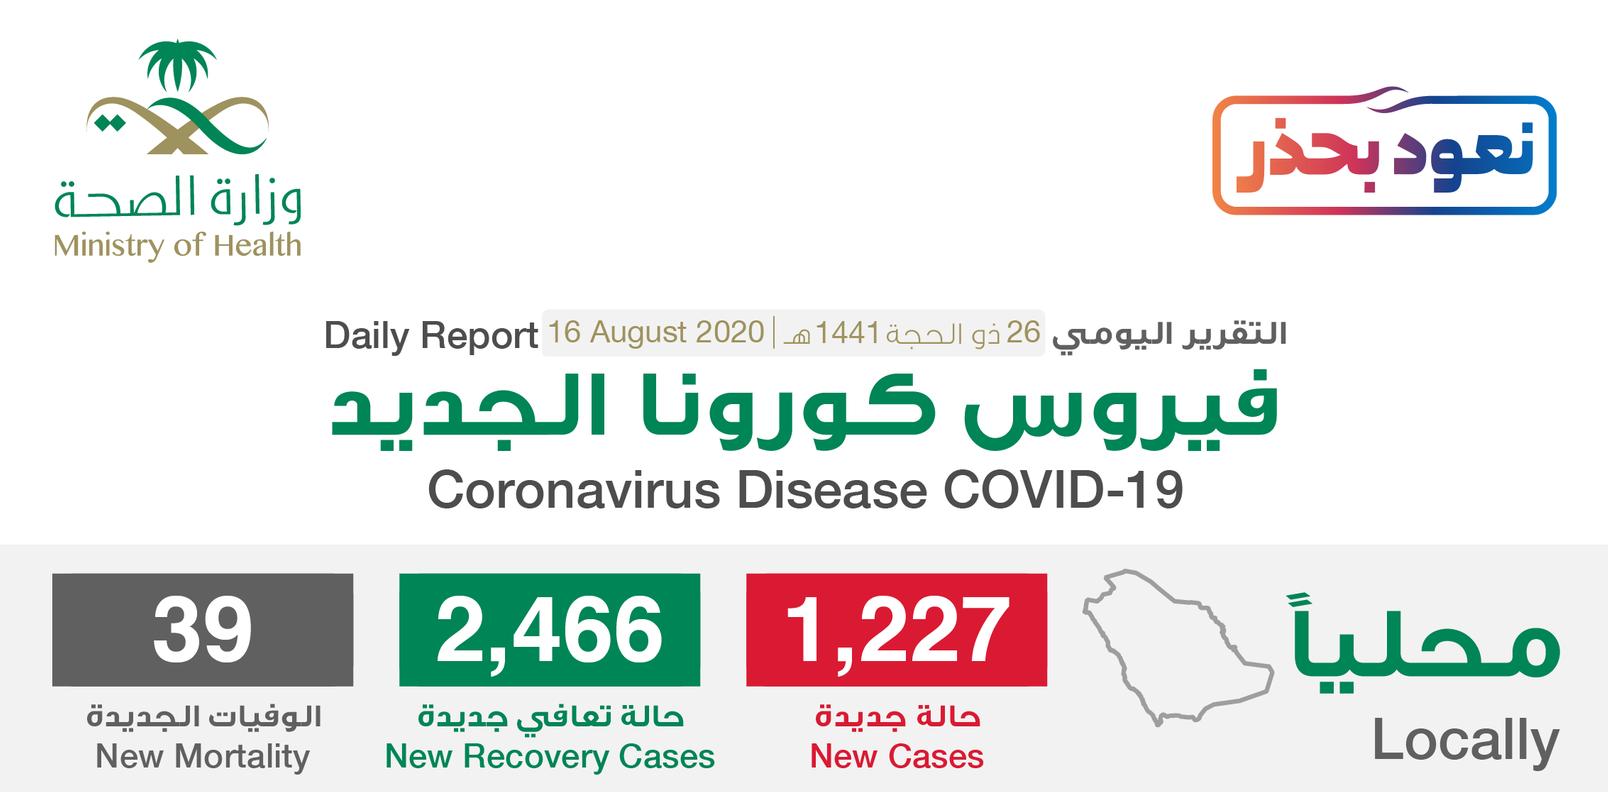 مستجدات كورونا في السعودية اليوم 16 أغسطس .. ونسبة الشفاء تقترب من 90% 1